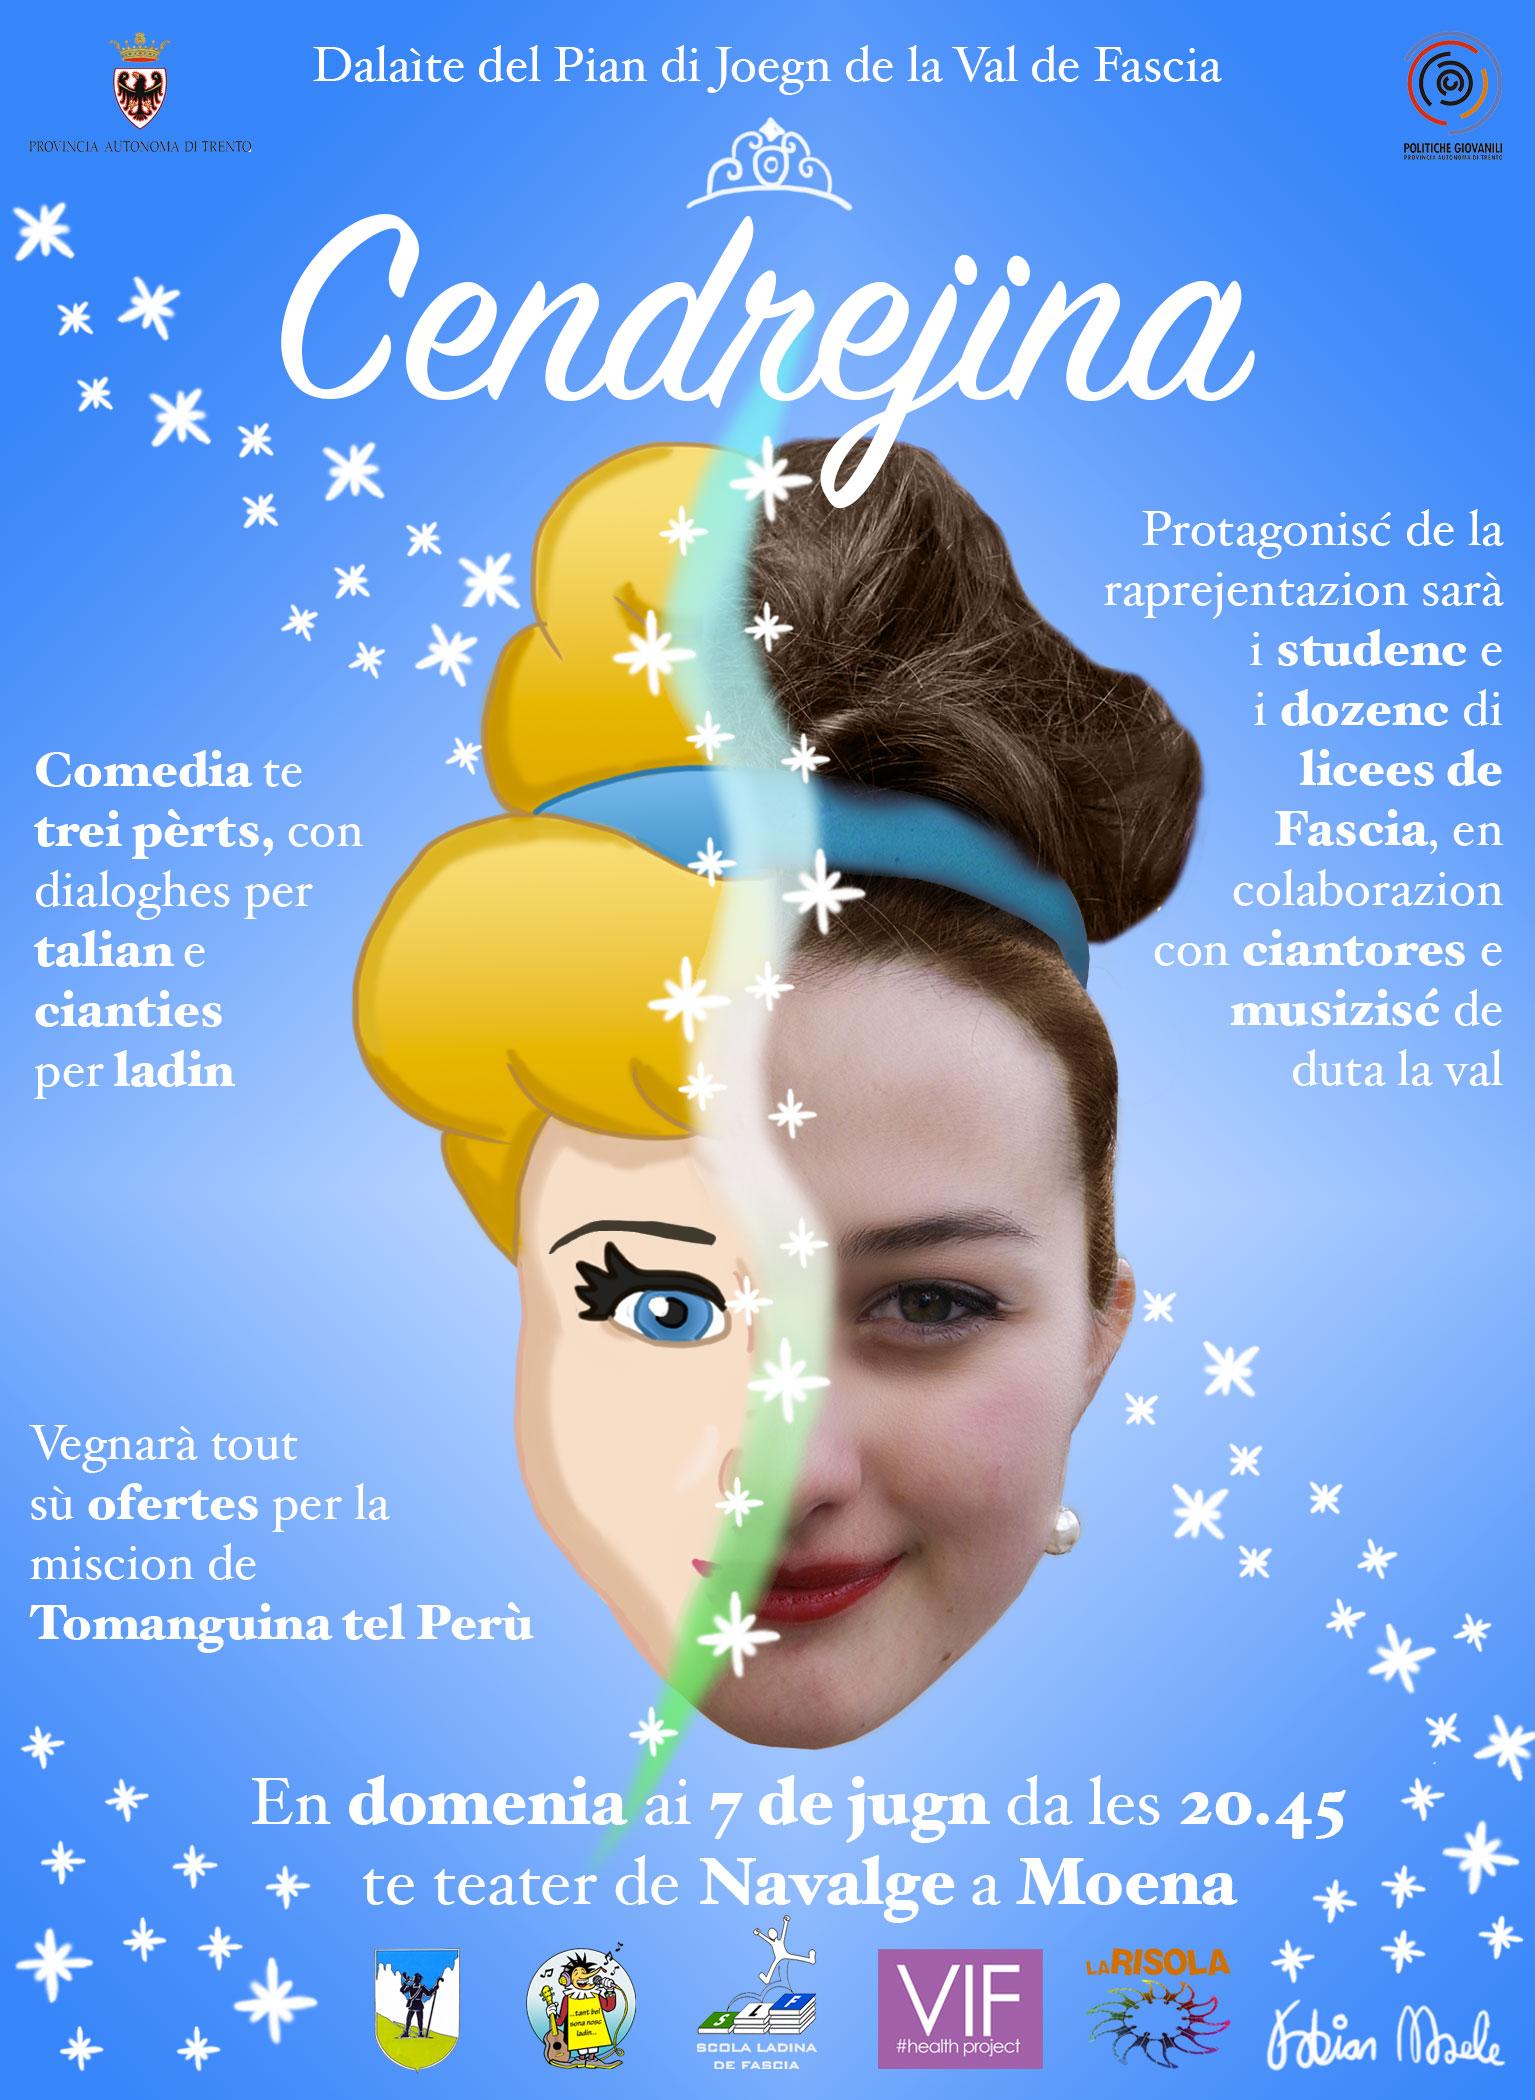 cendrejina-ladino-navalge.jpg